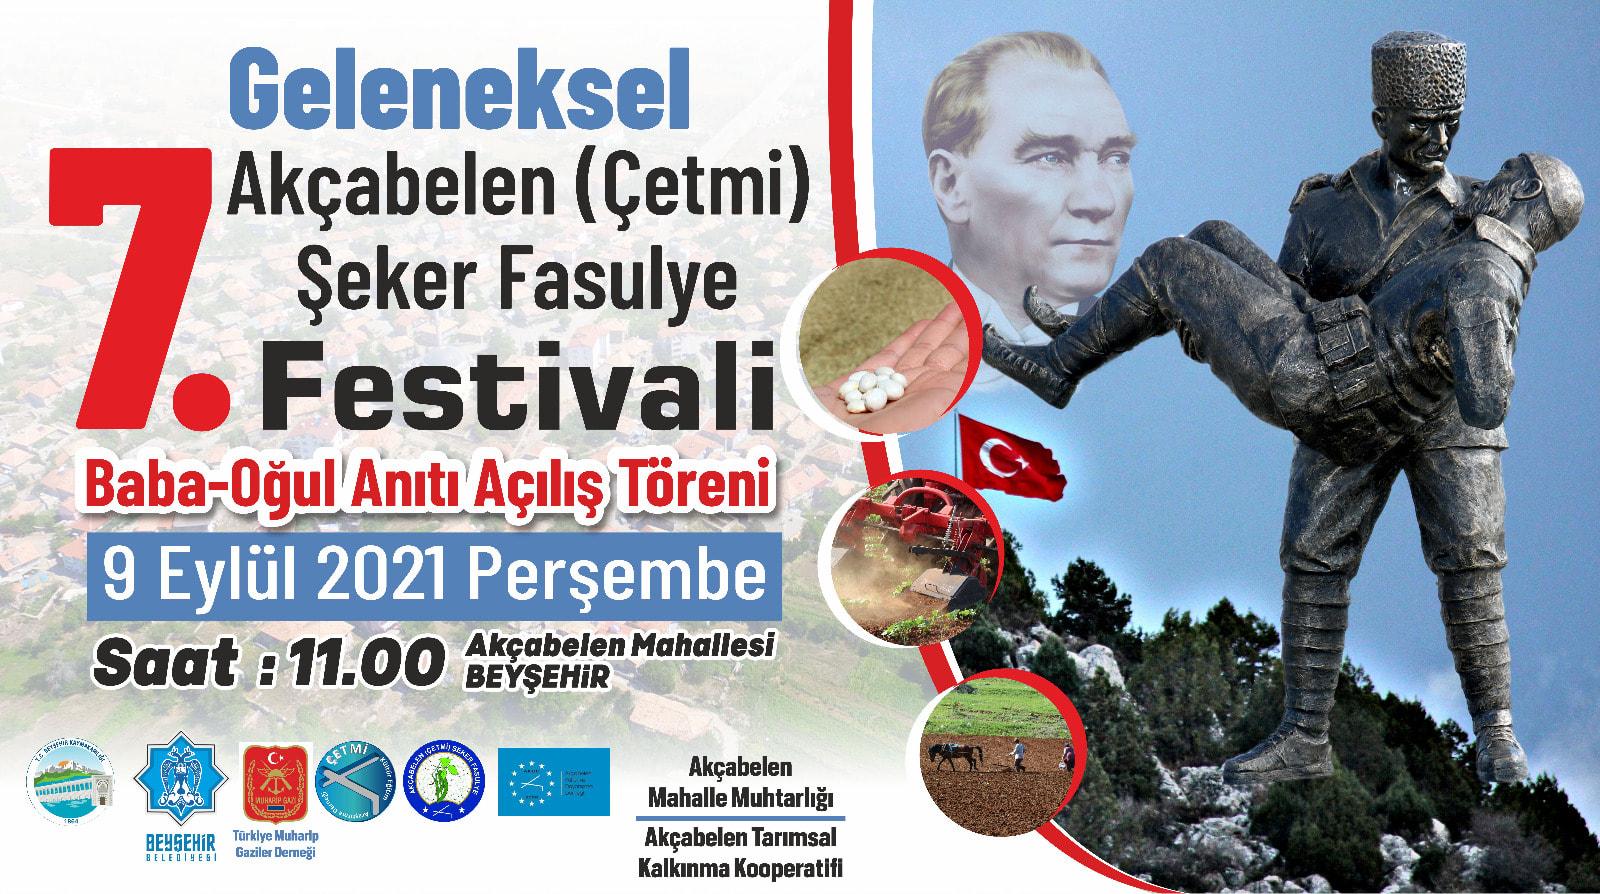 geleneksel-akcabelen-seker-fasulye-festivali-2047